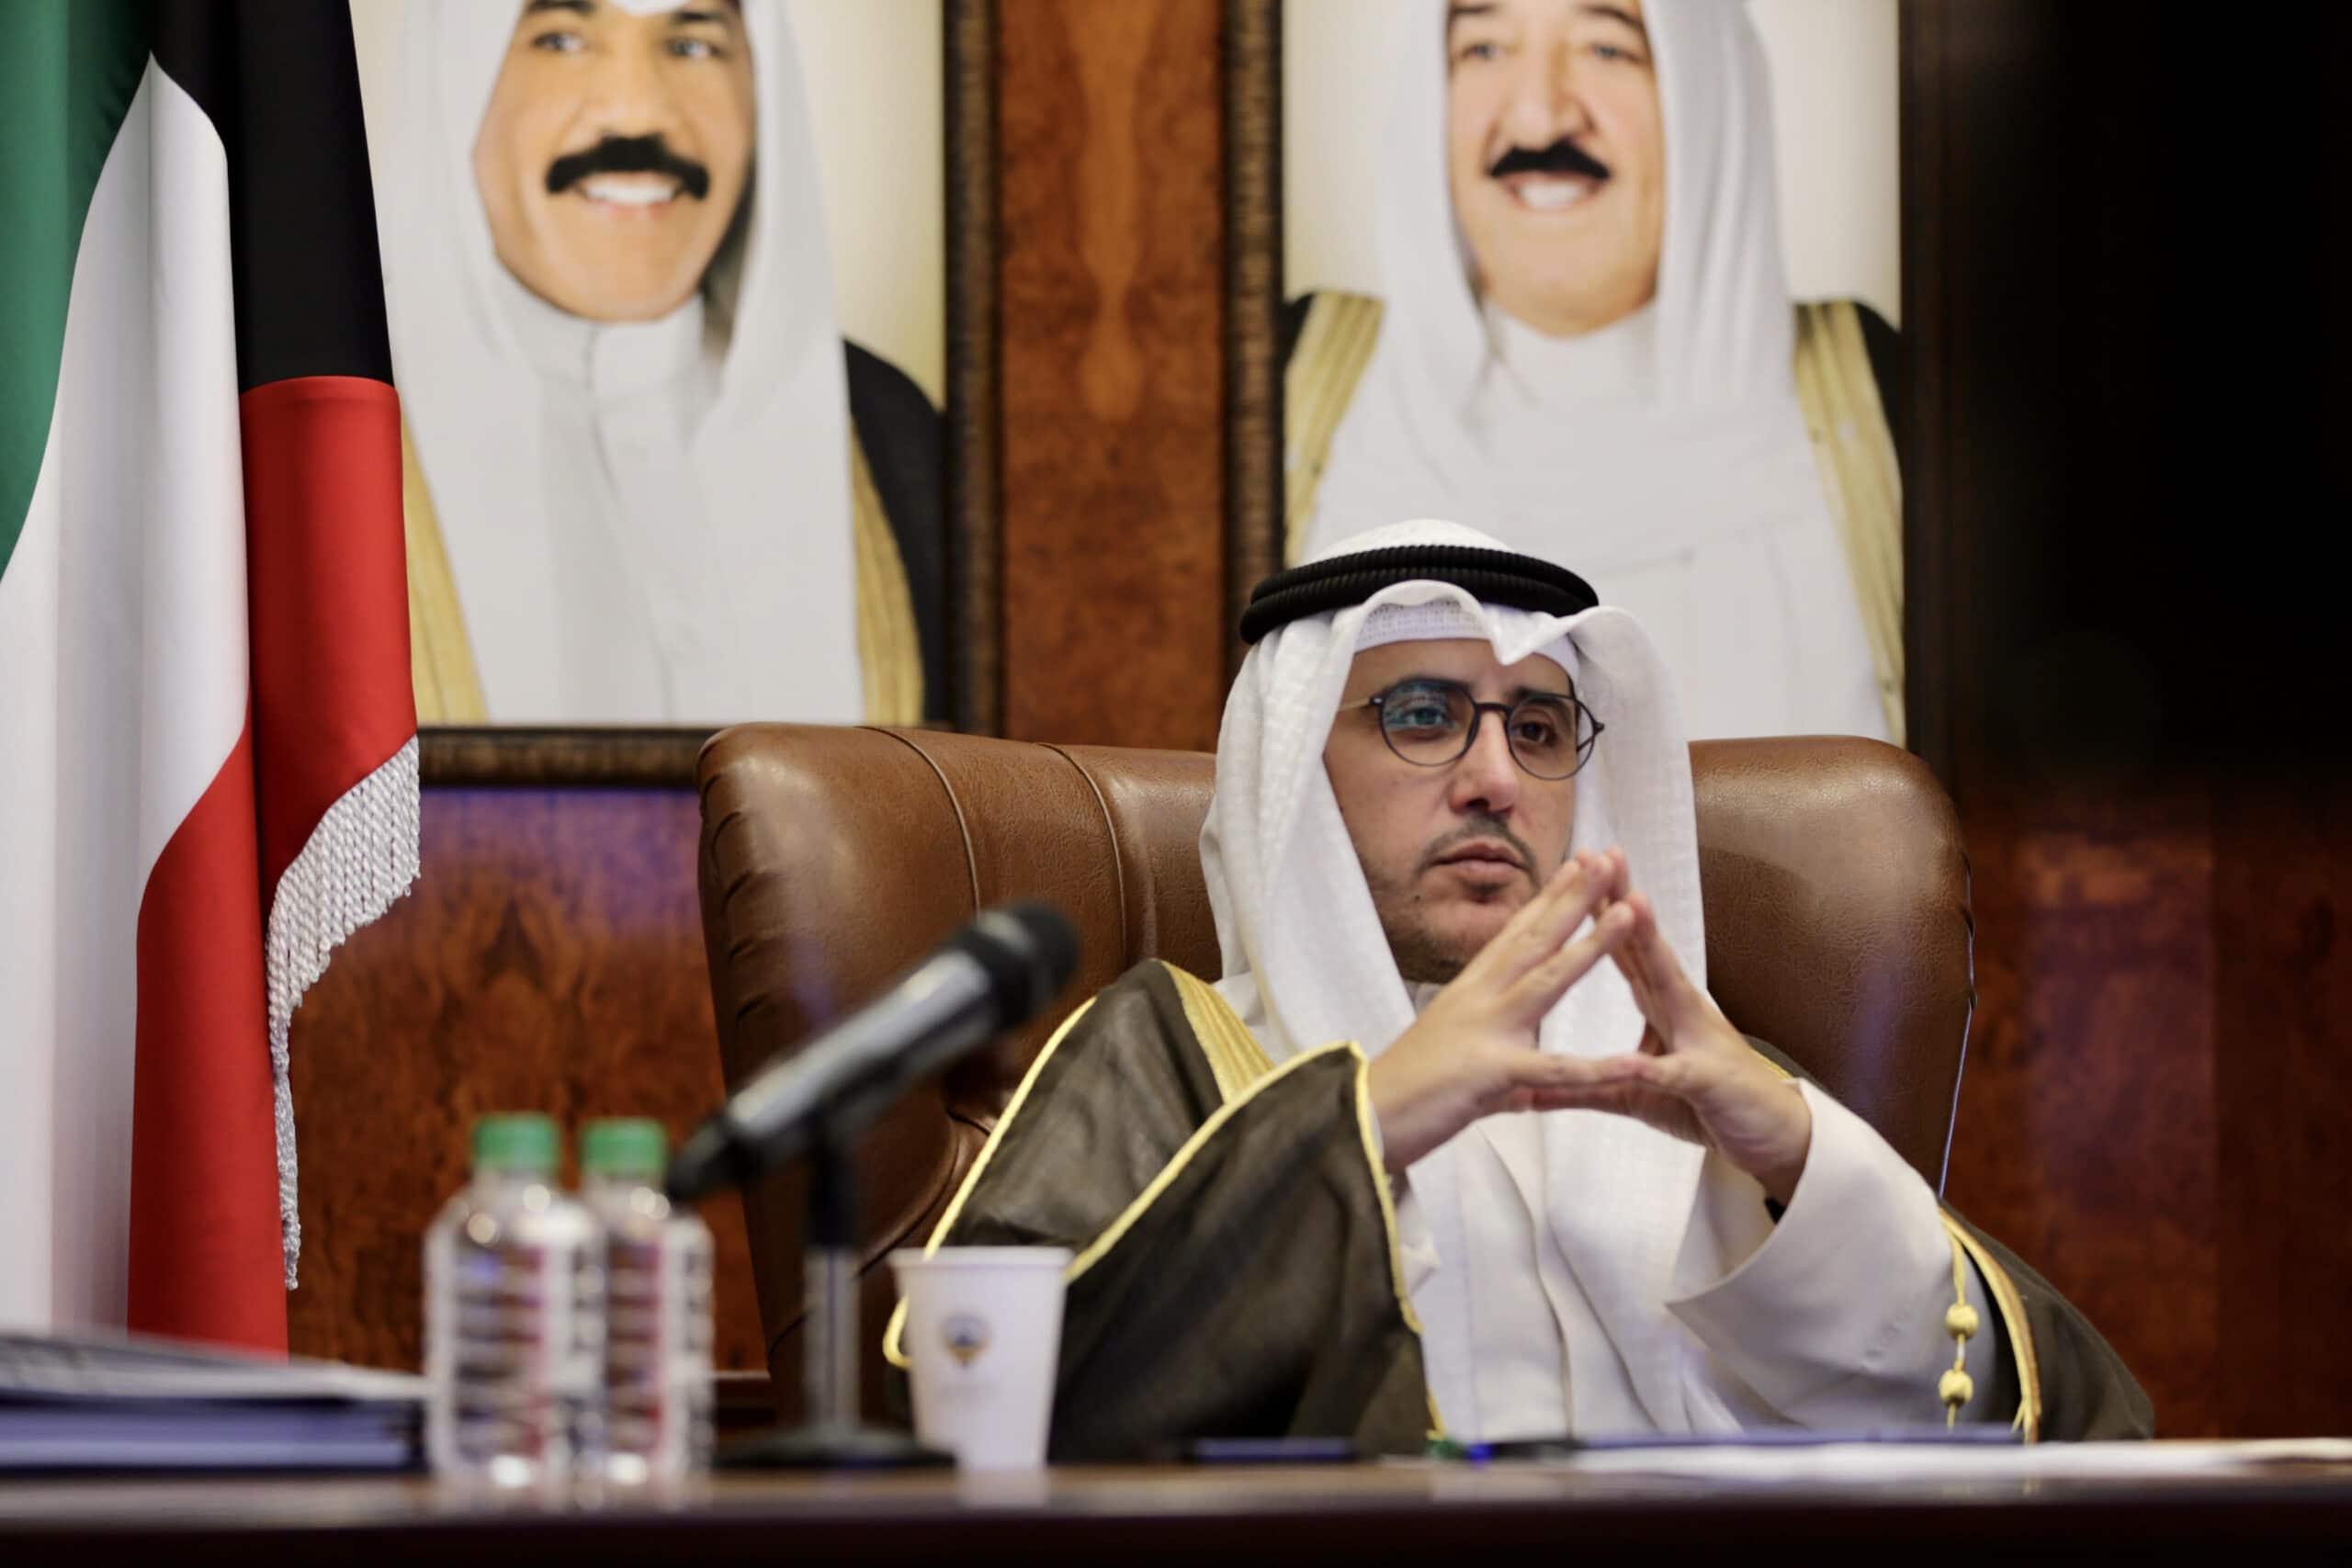 وزير خارجية الكويت يتحدث عن دور السعودية في تحرير بلاده